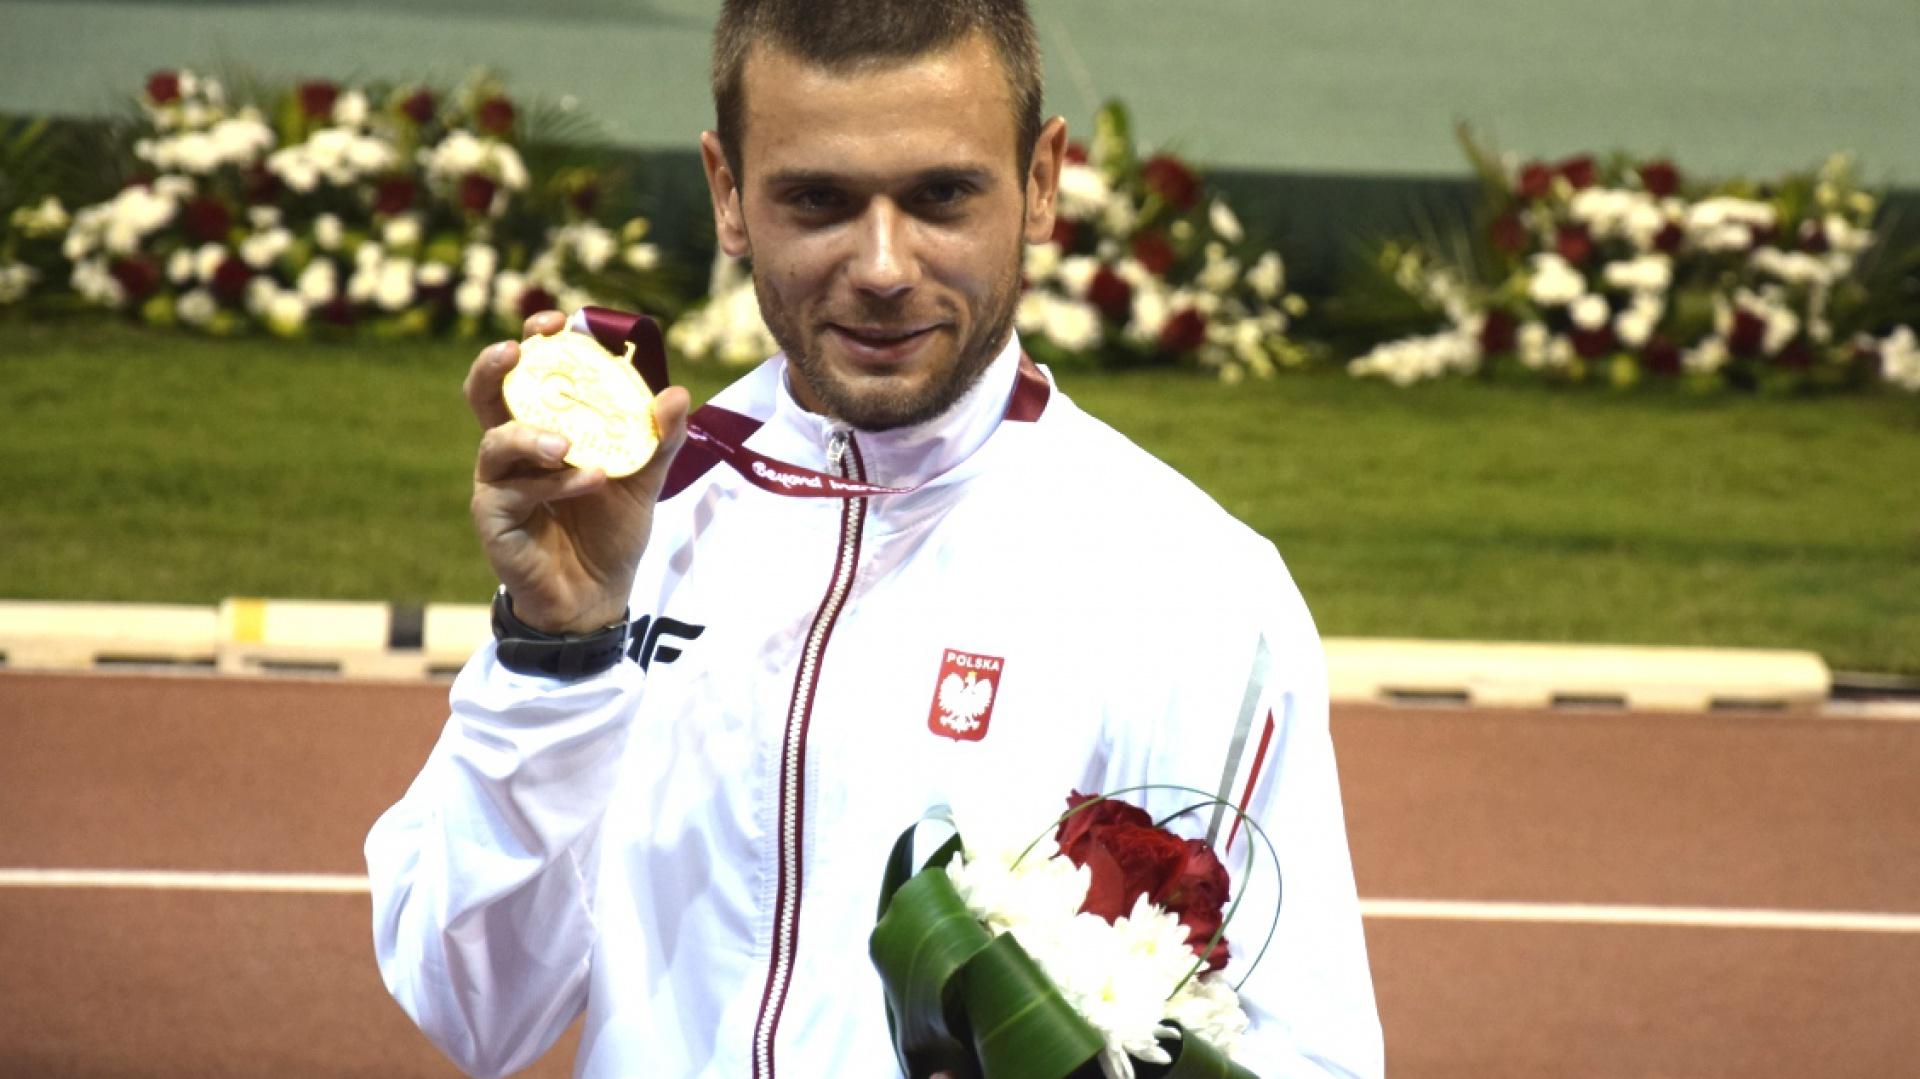 Pierwszym partnerem platformy Bieg Po Moc został Michał Derus – złoty medalista Mistrzostw Świata osób niepełnosprawnych w Lyonie i Mistrzostw Europy w Swansea. Fot. Materiały prasowe